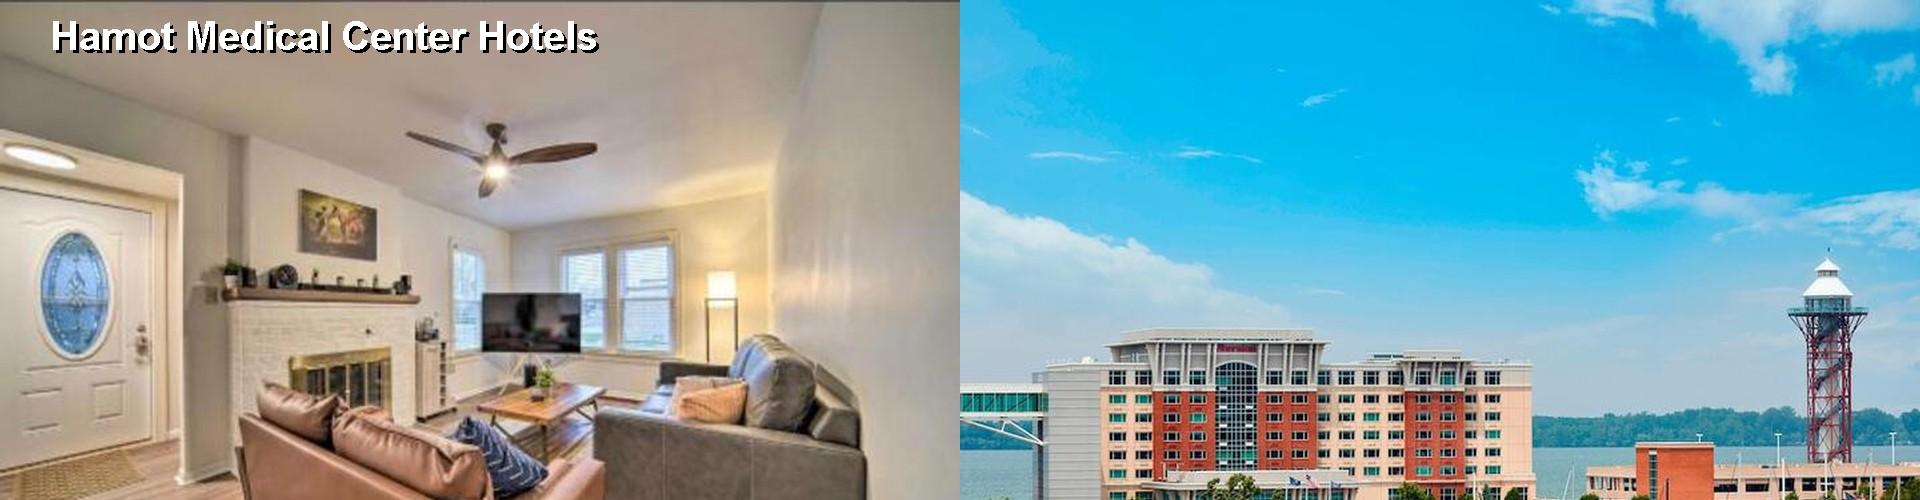 $59+ BEST Hotels Near Hamot Medical Center in Erie PA